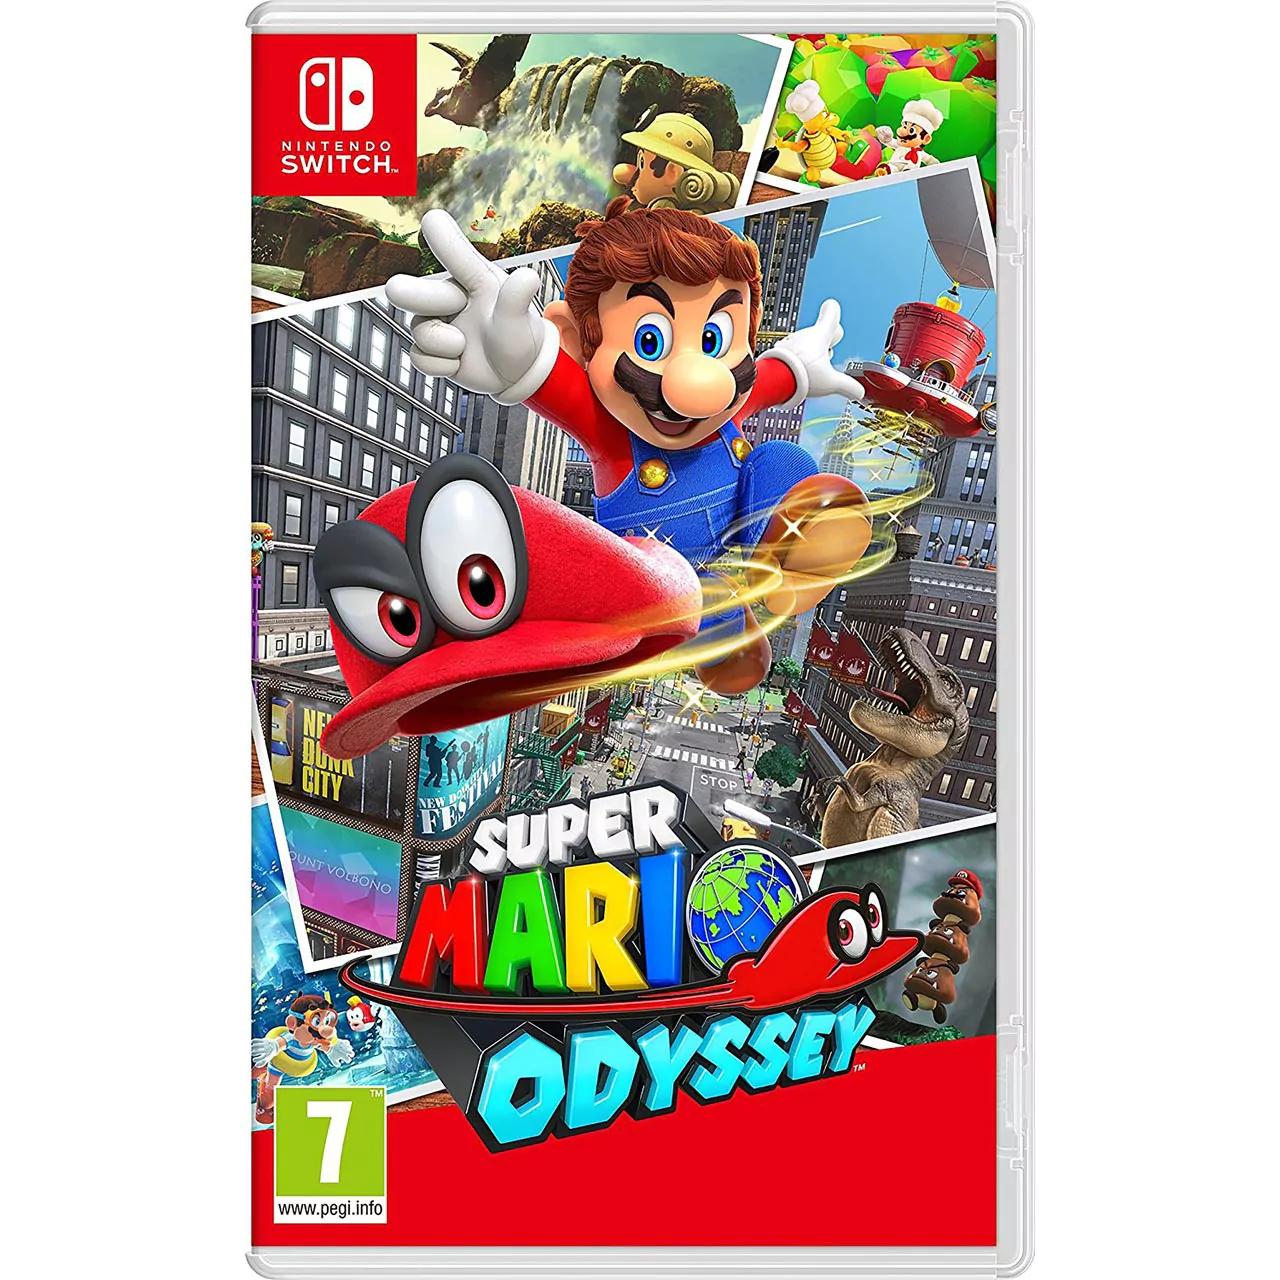 Mario oddysey - £37 @ AO.com